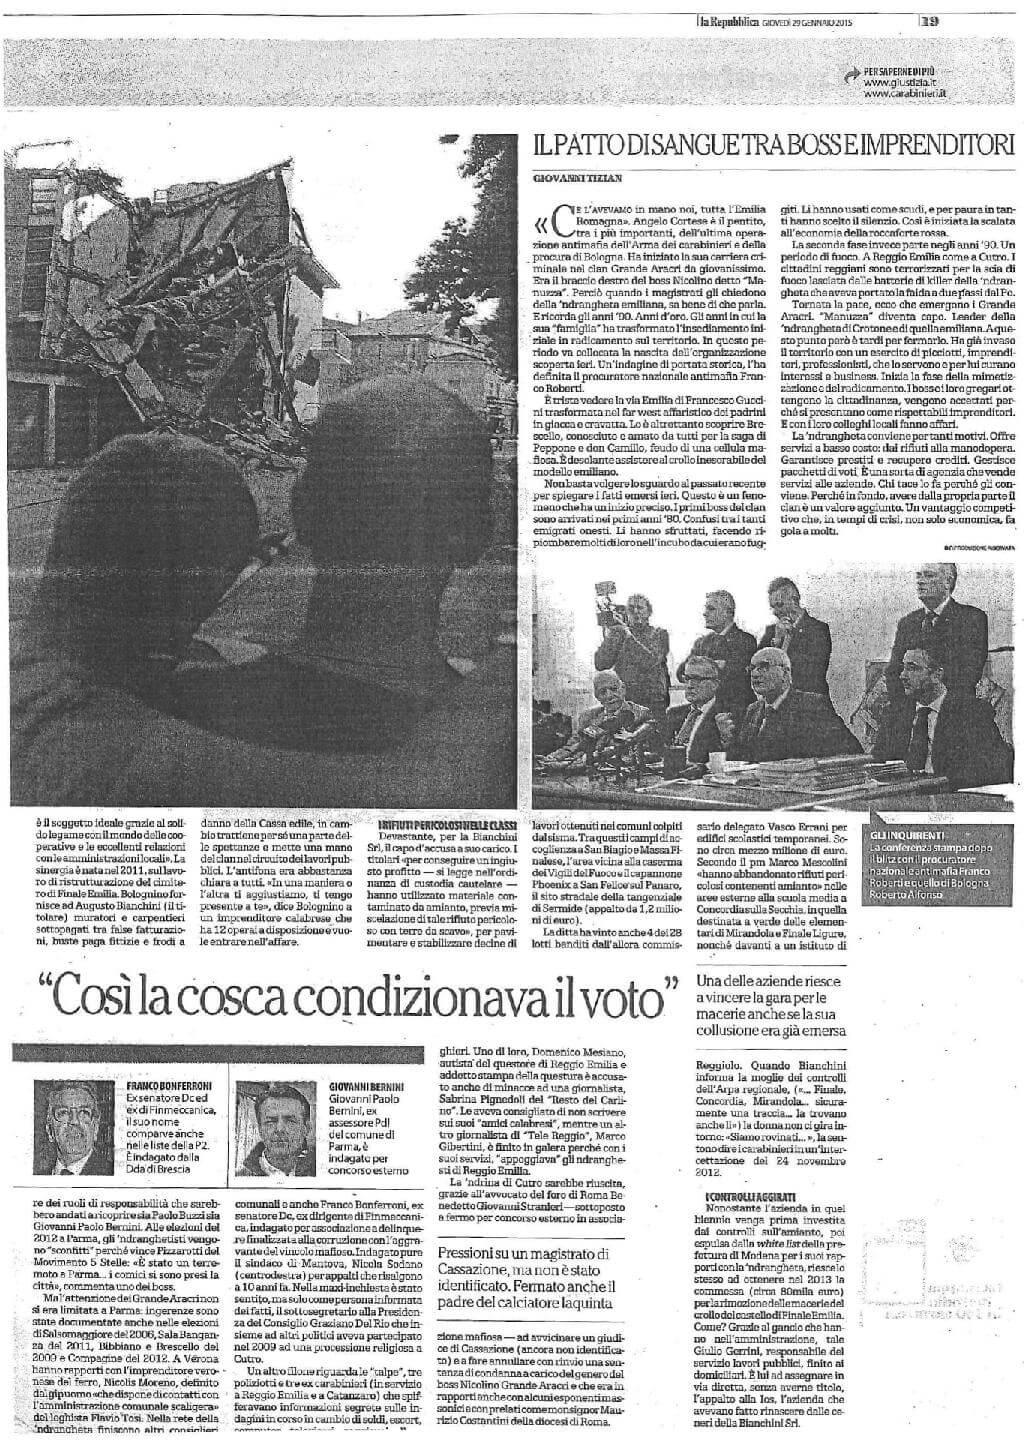 29_1_15_repubblica_bo_p19-page-001